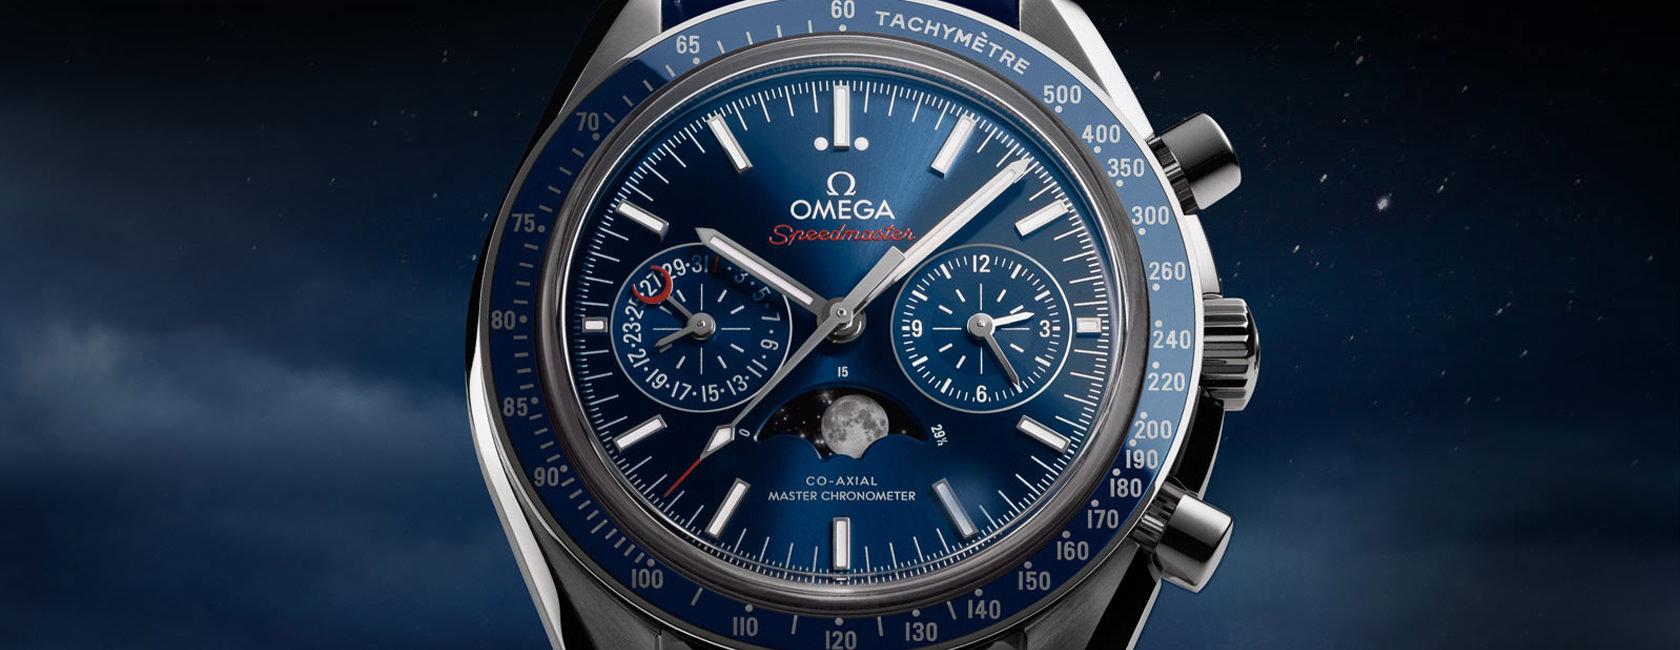 omega-speedmaster-moon